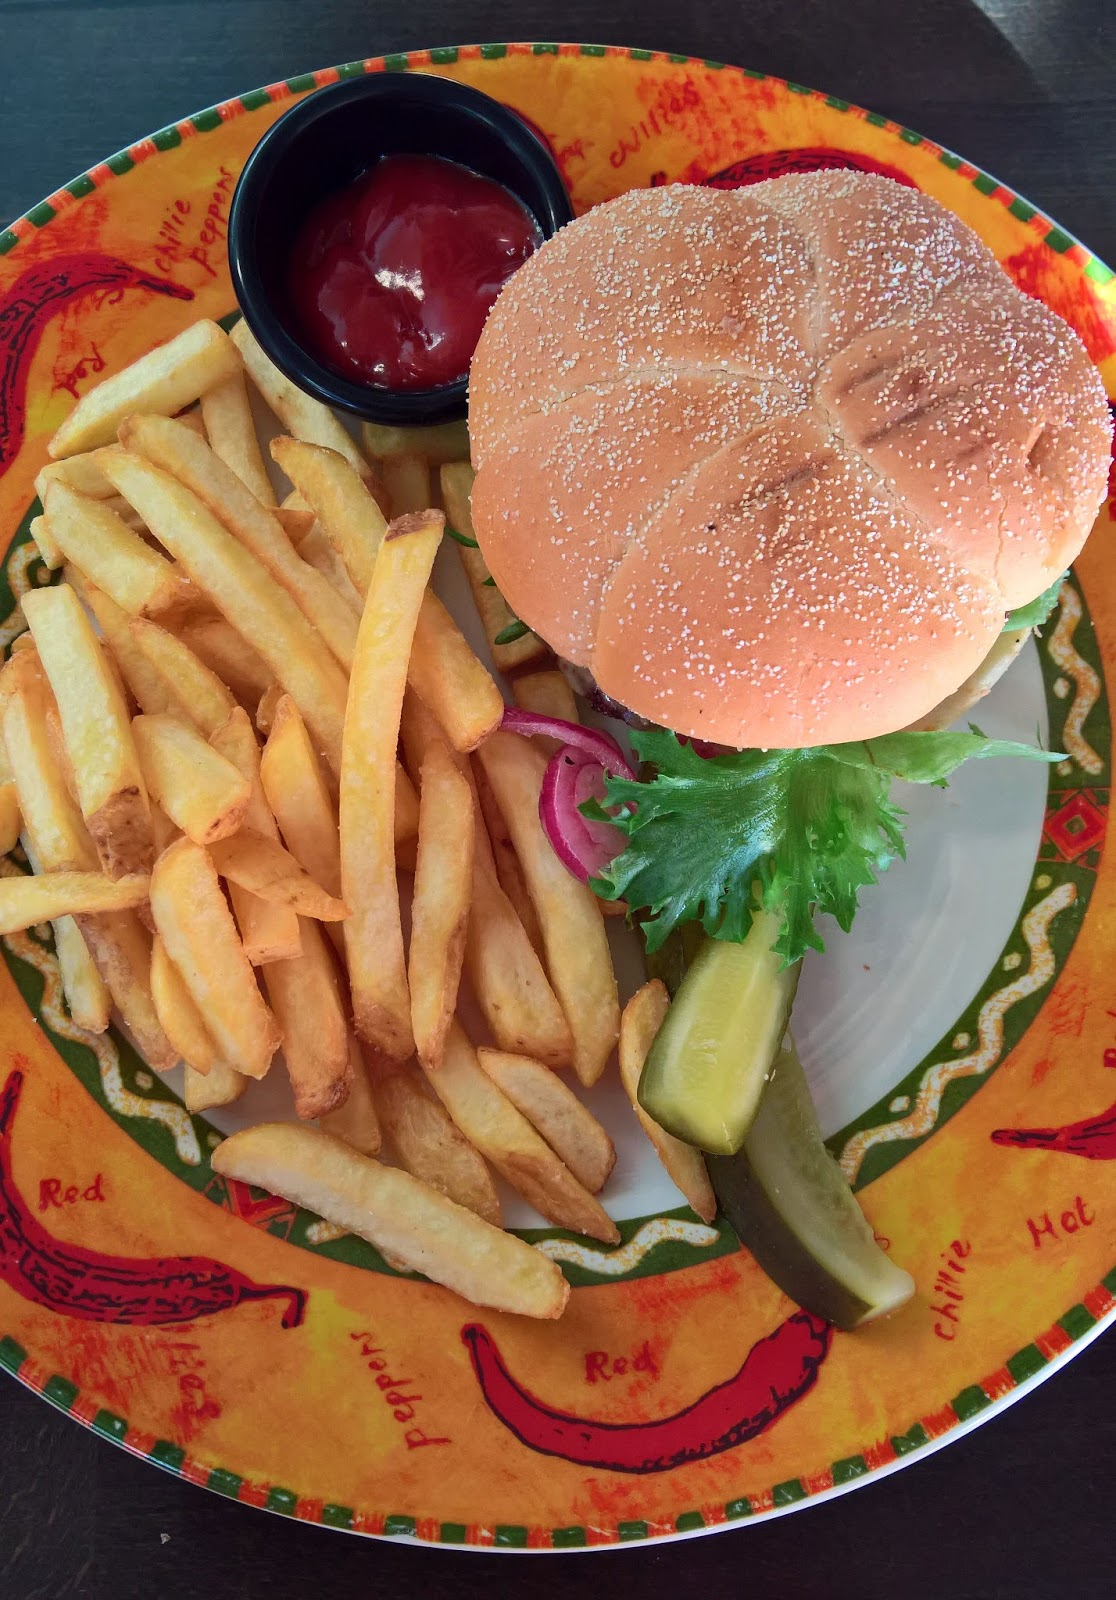 Amarillo burger hampurilaistesti Jyväskylän paras hampurilainen mallaspulla